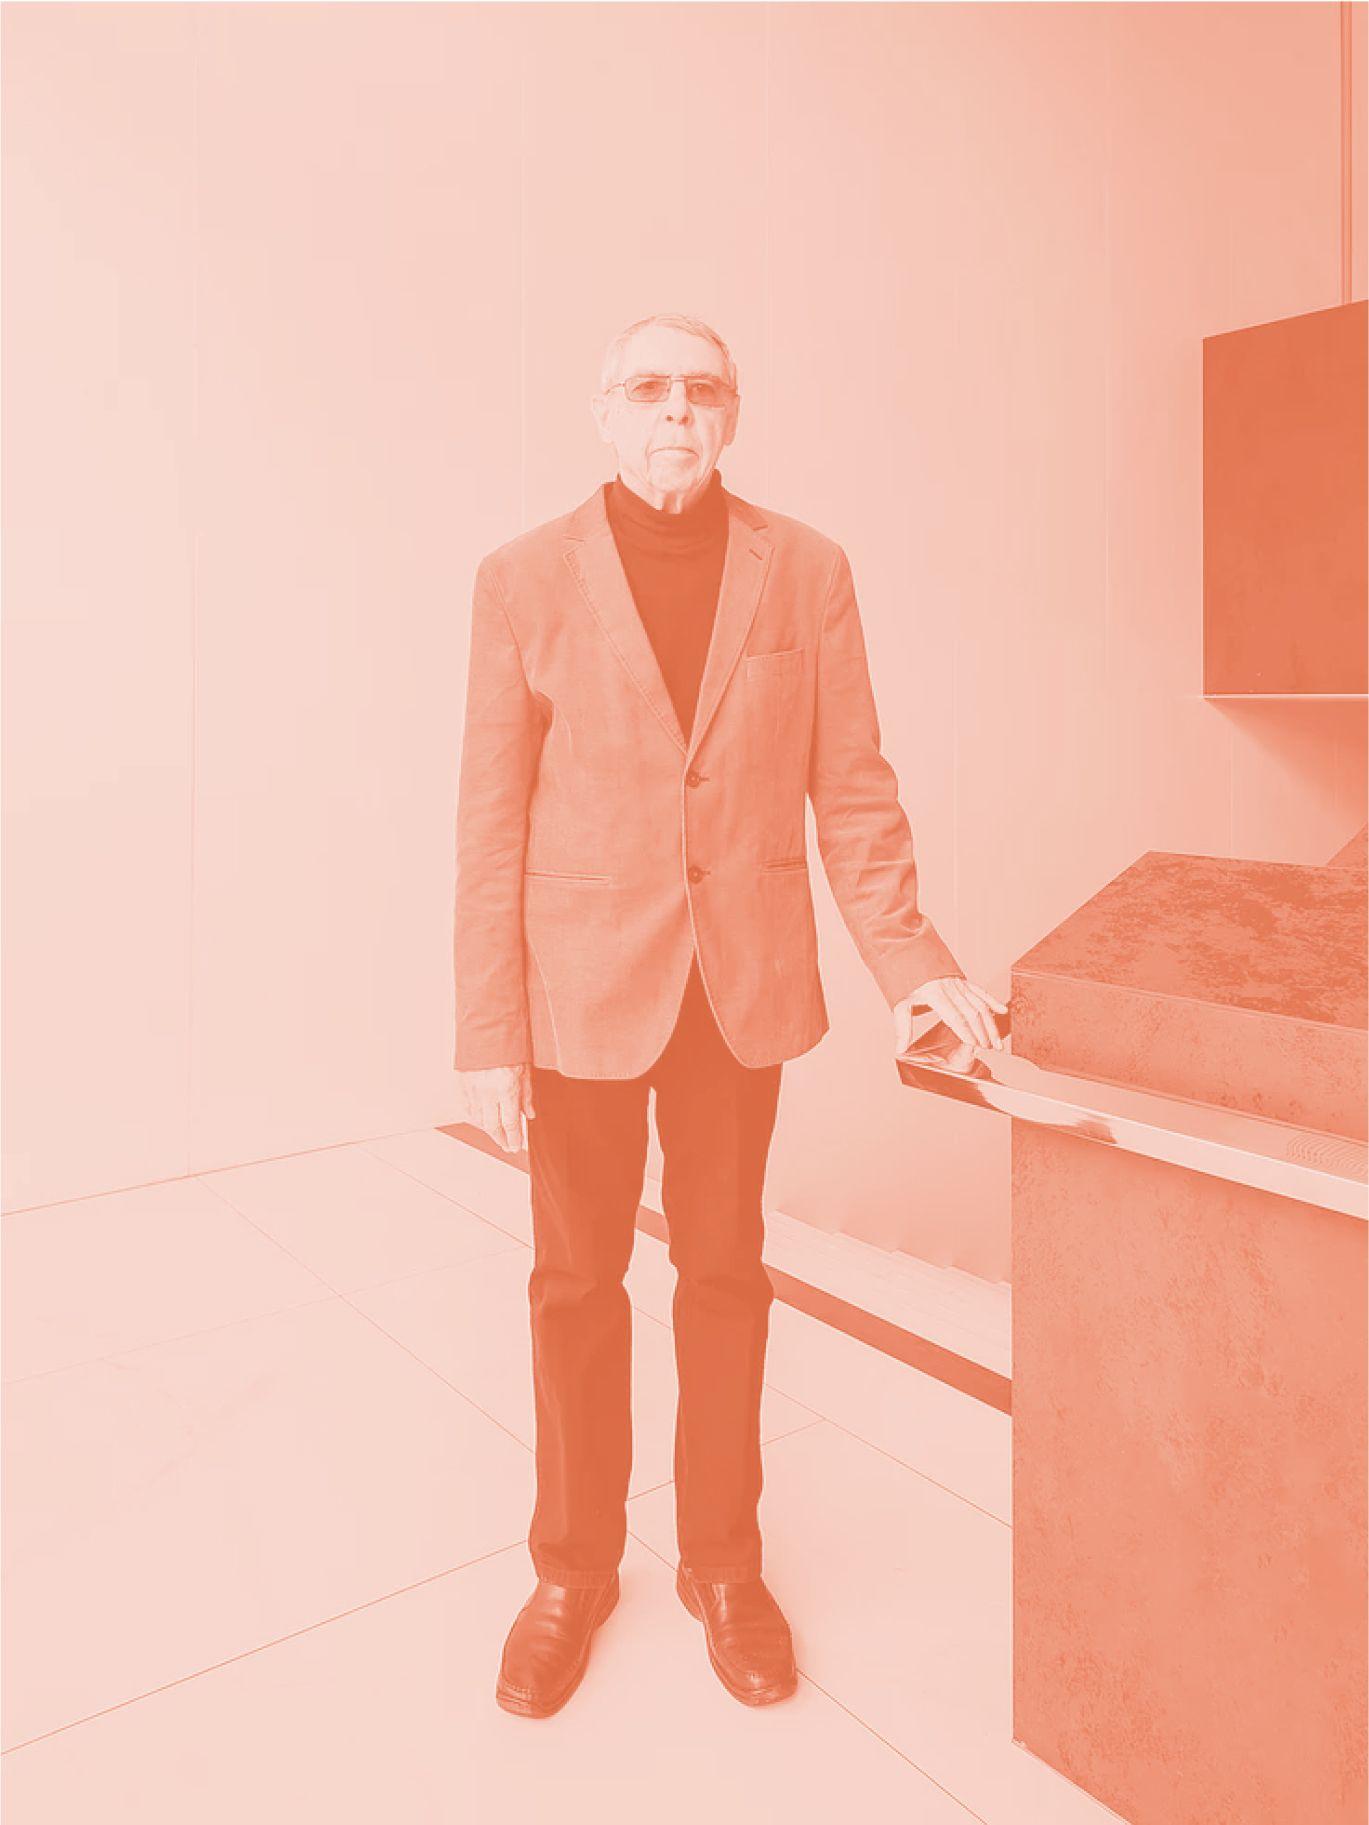 Игорь Василевский — о курортной архитектуре, новаторских инженерных решениях и санатории «Дружба», похожем на летающую тарелку